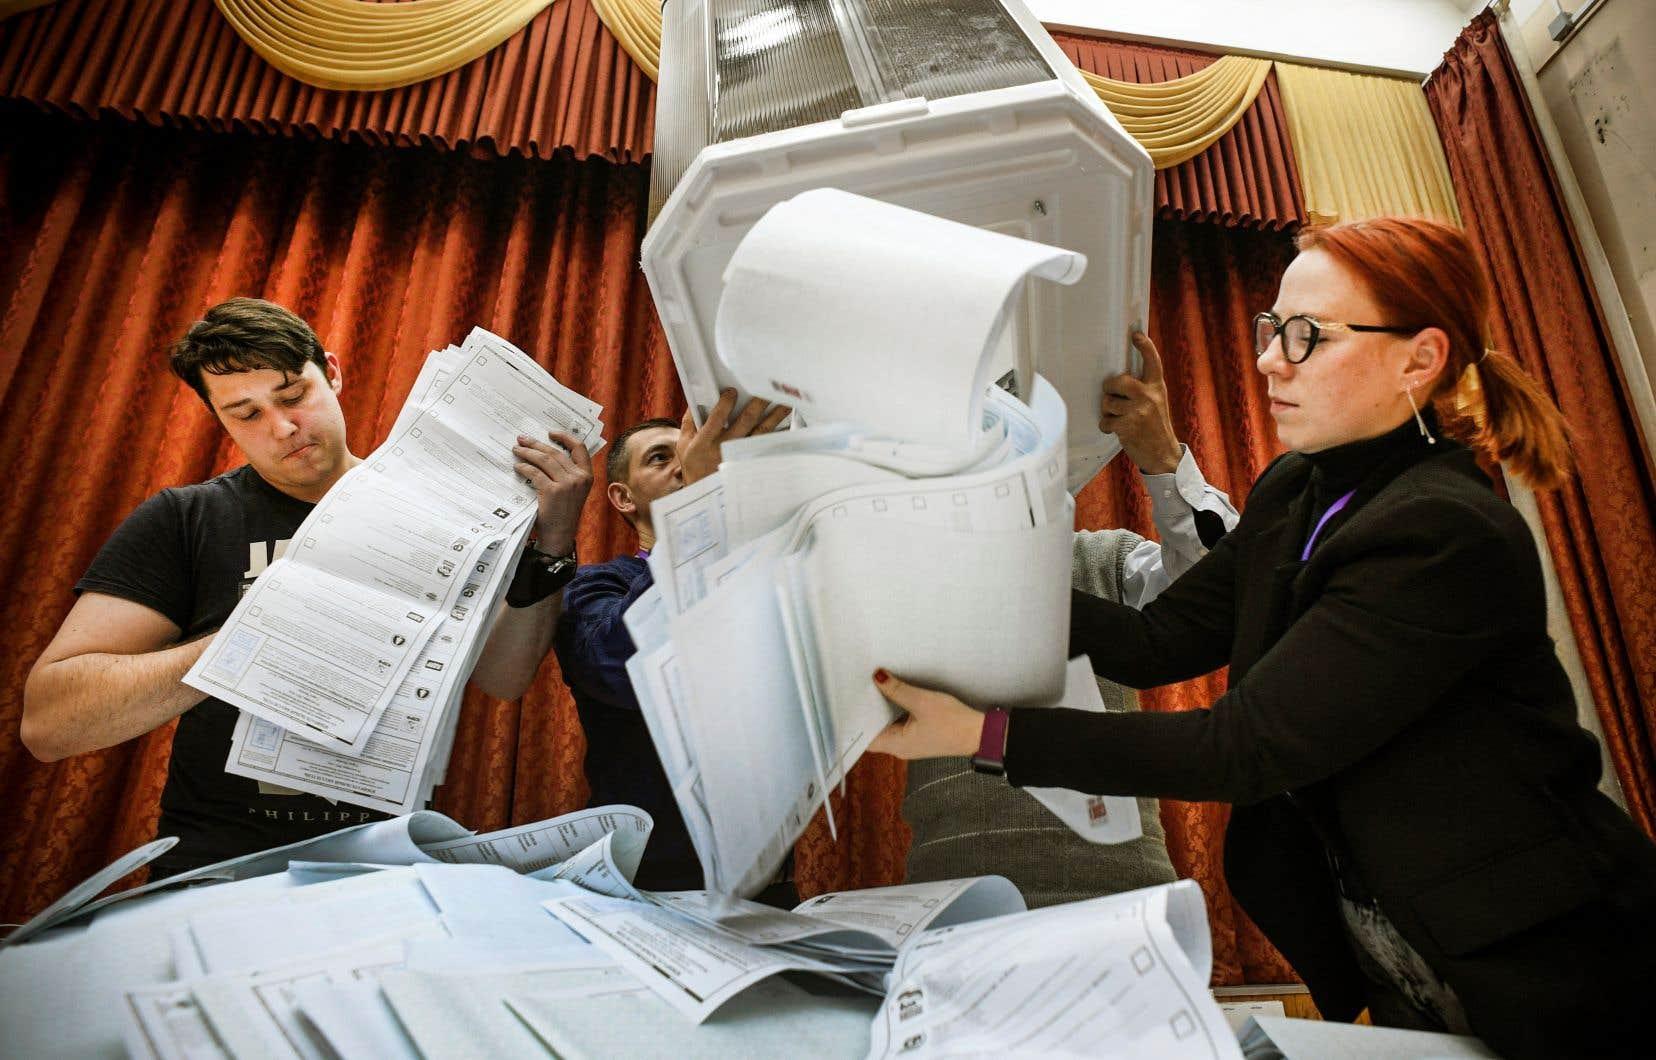 La formation Russie unie est créditée de 49,82% des voix, selon des résultats portant sur 99,98% des bureaux de vote.